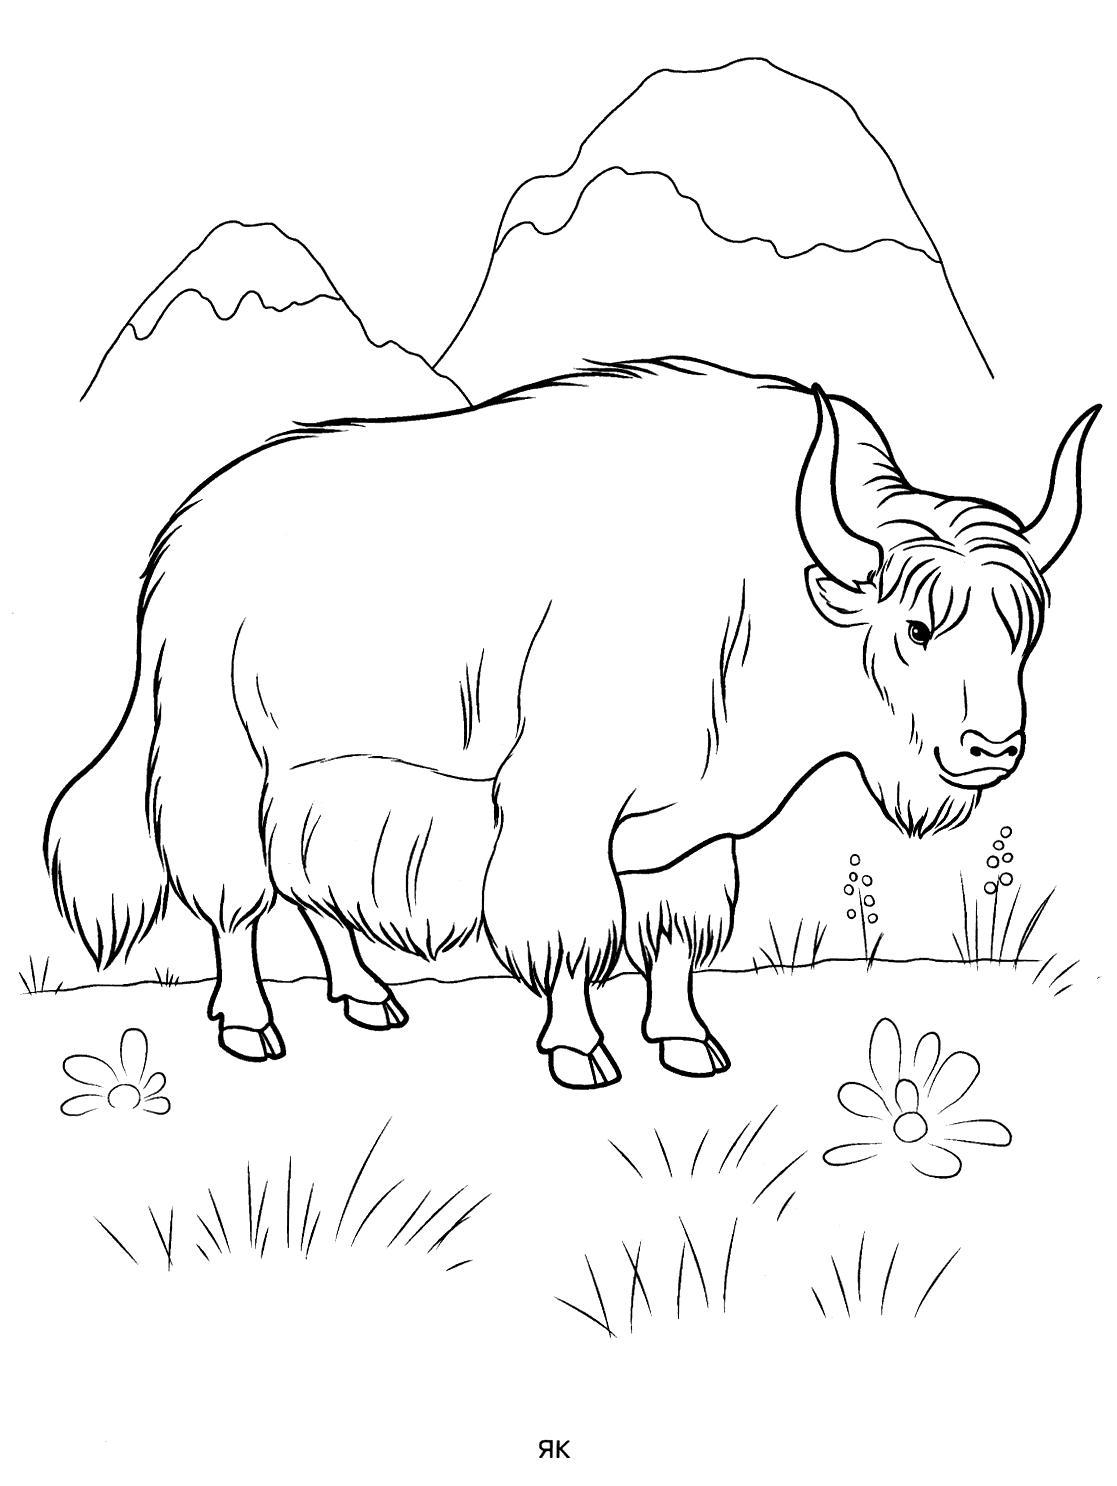 Раскраска як. раскраска пастбище, горы, скачать раскраску, бык, картинки для детей